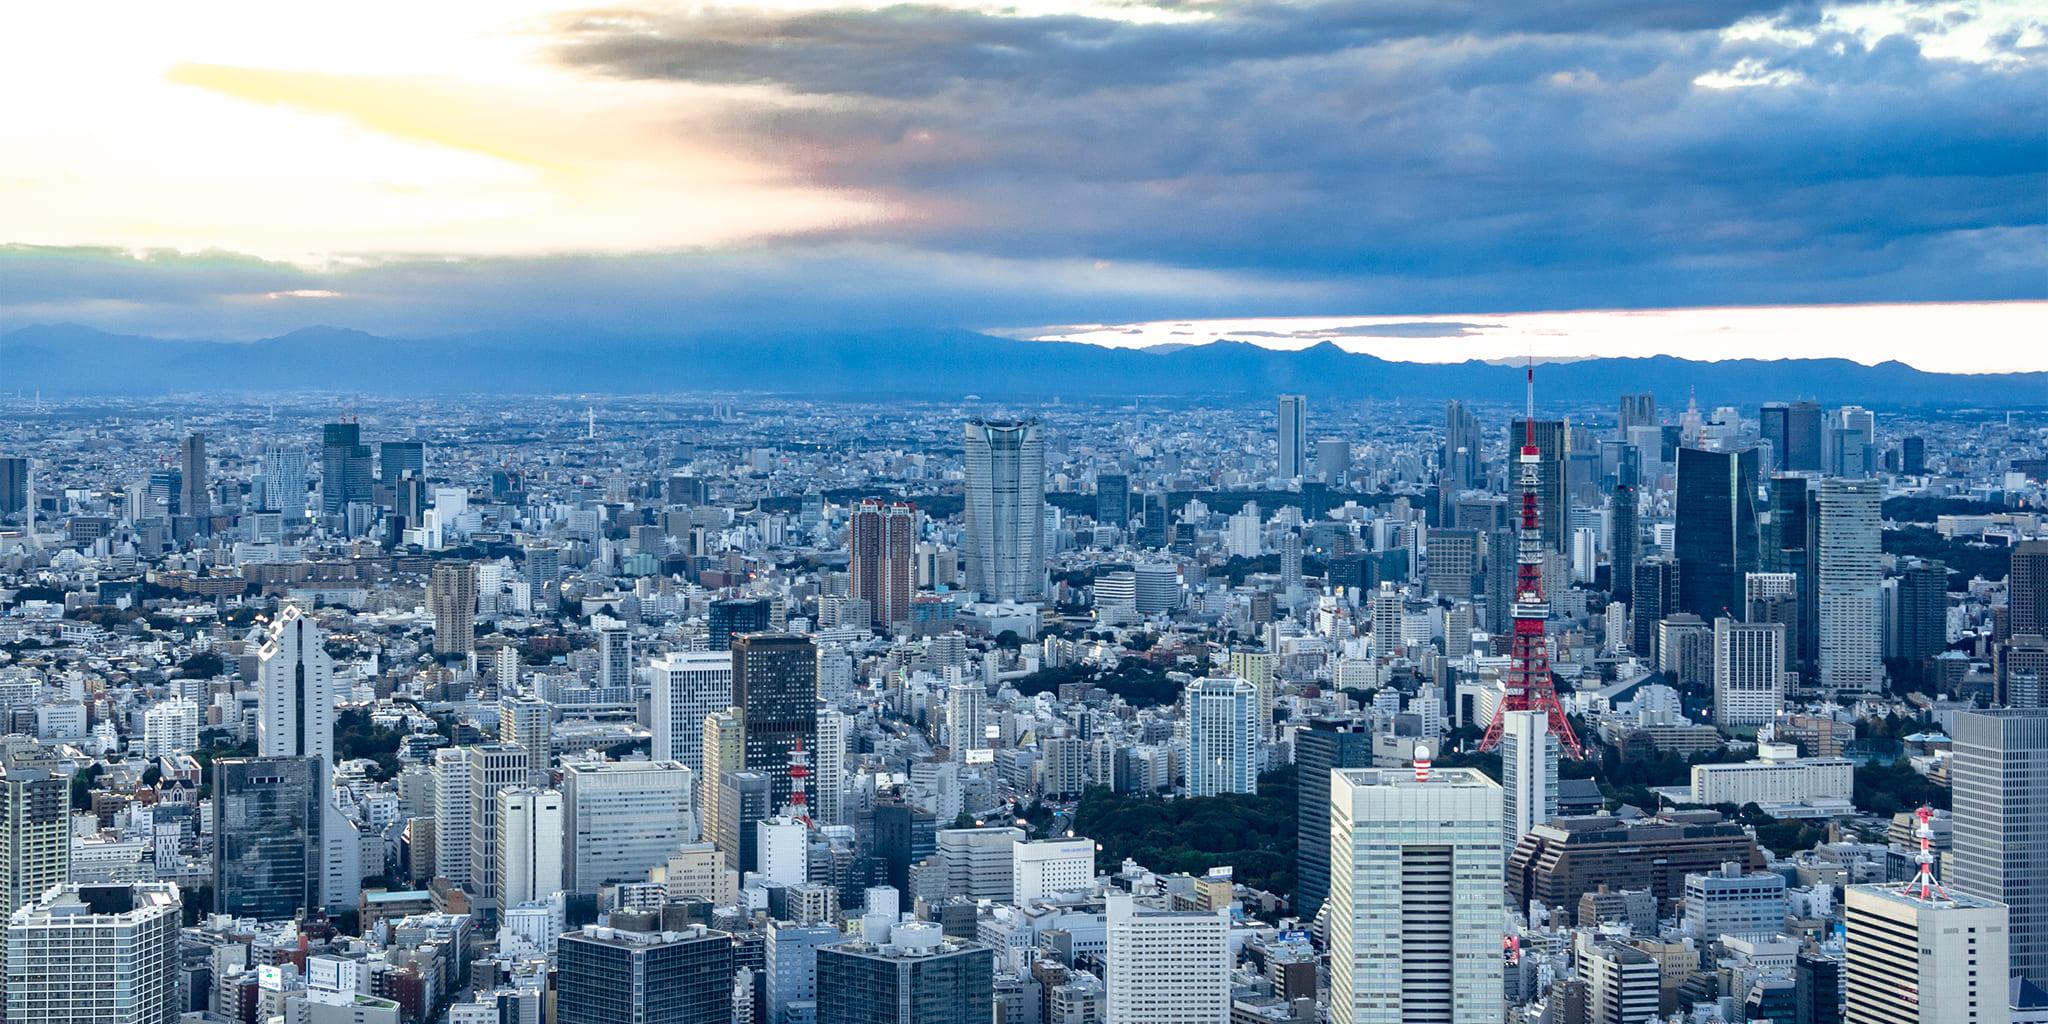 ヘリコプターで東京上空をフライトして見える芝浦